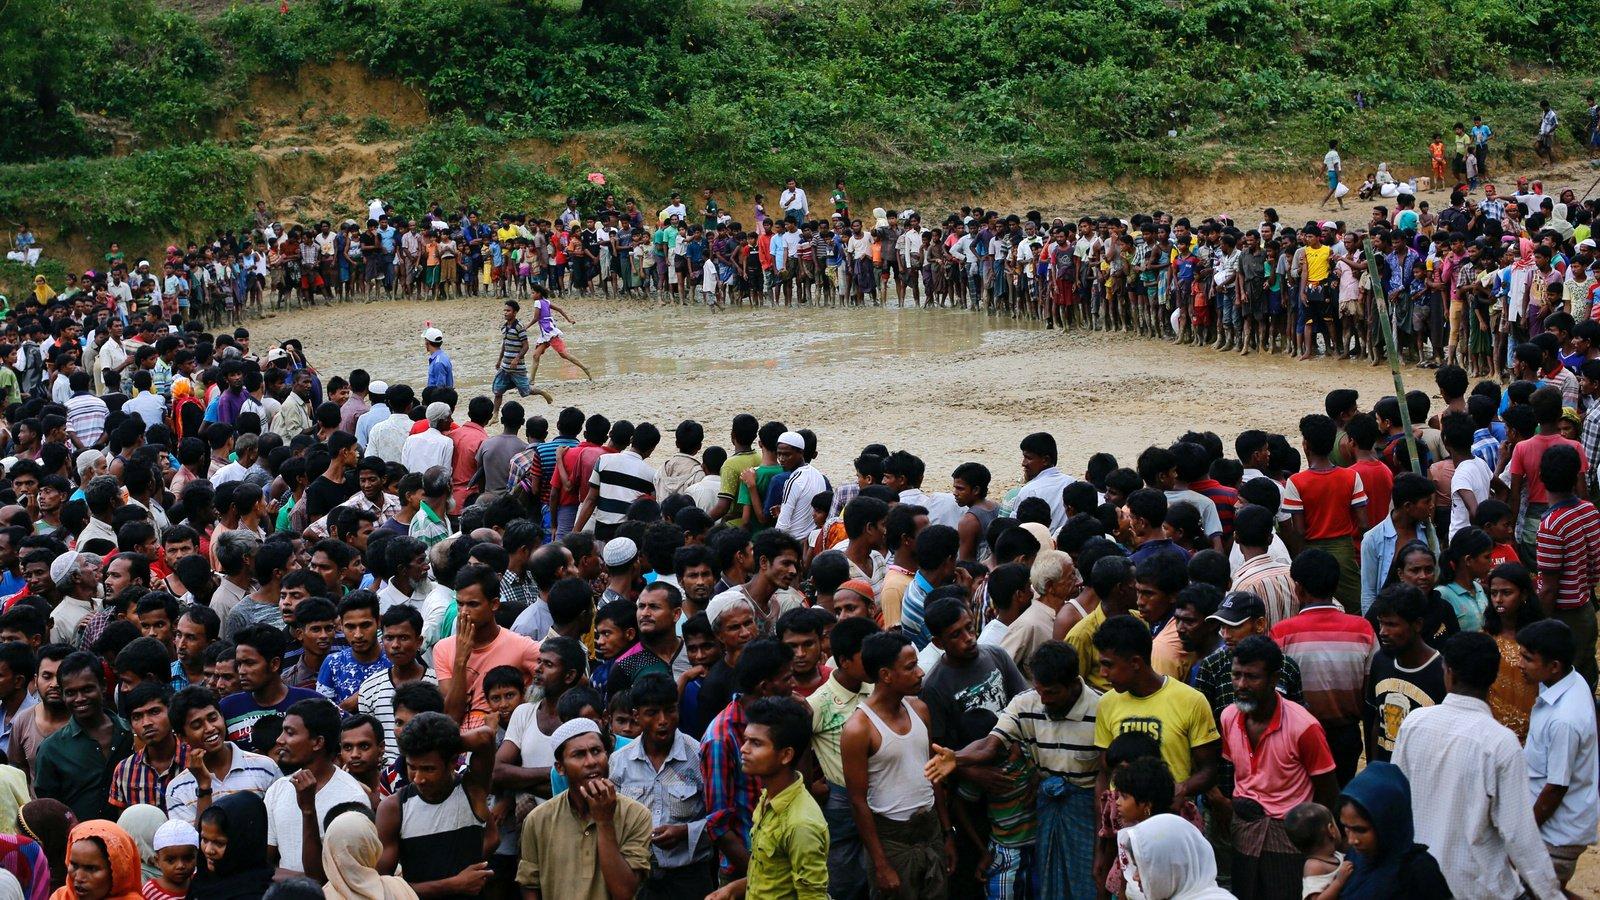 Grupo de migrantes en Bangladesh - Foto Danish Siddiqui/Reuters